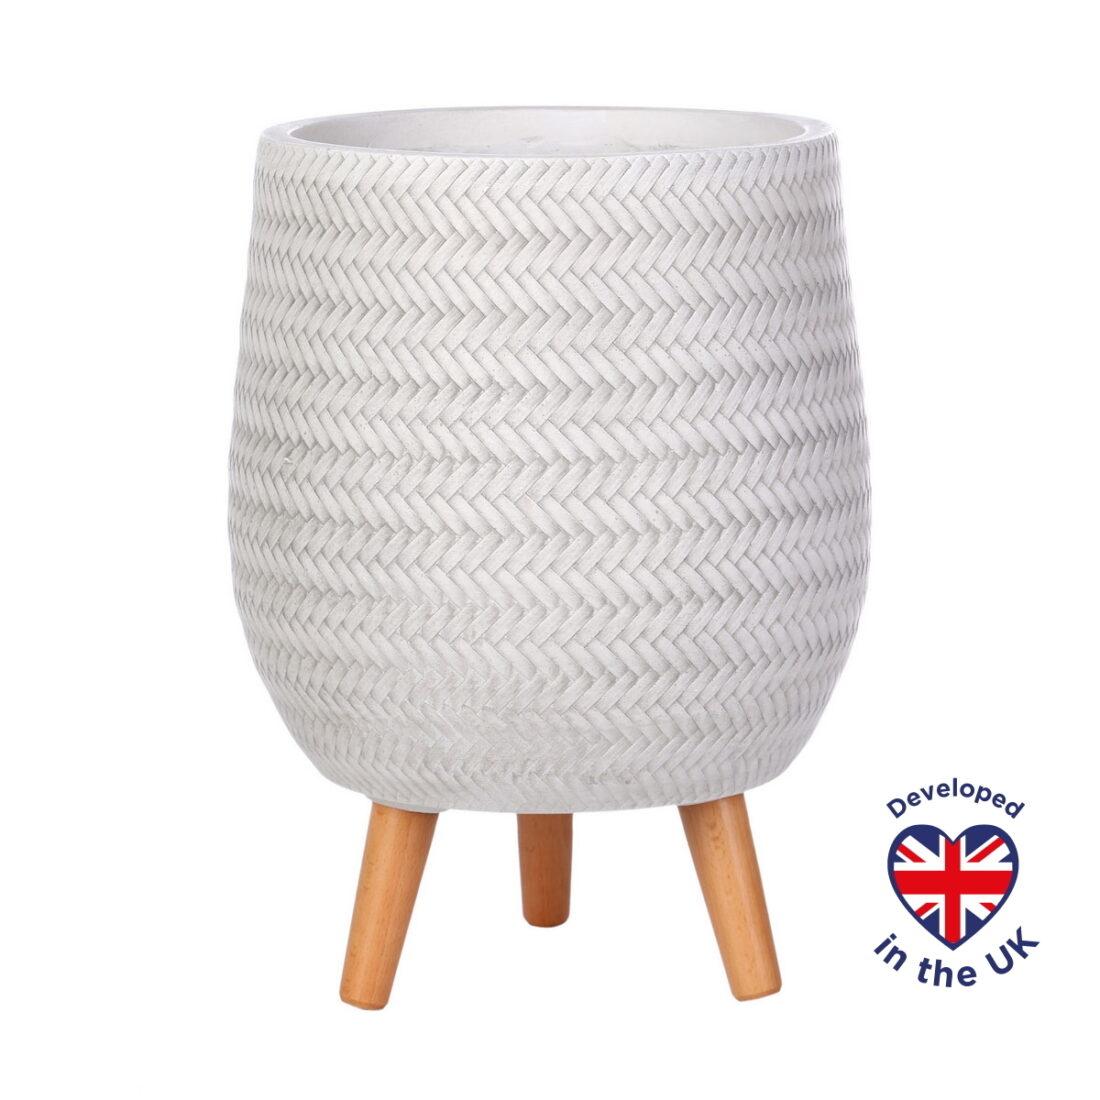 Напольное кашпо для цветов Idealist Lite Плейт, круглое, белое, Д32 В43 см, 21.9 л